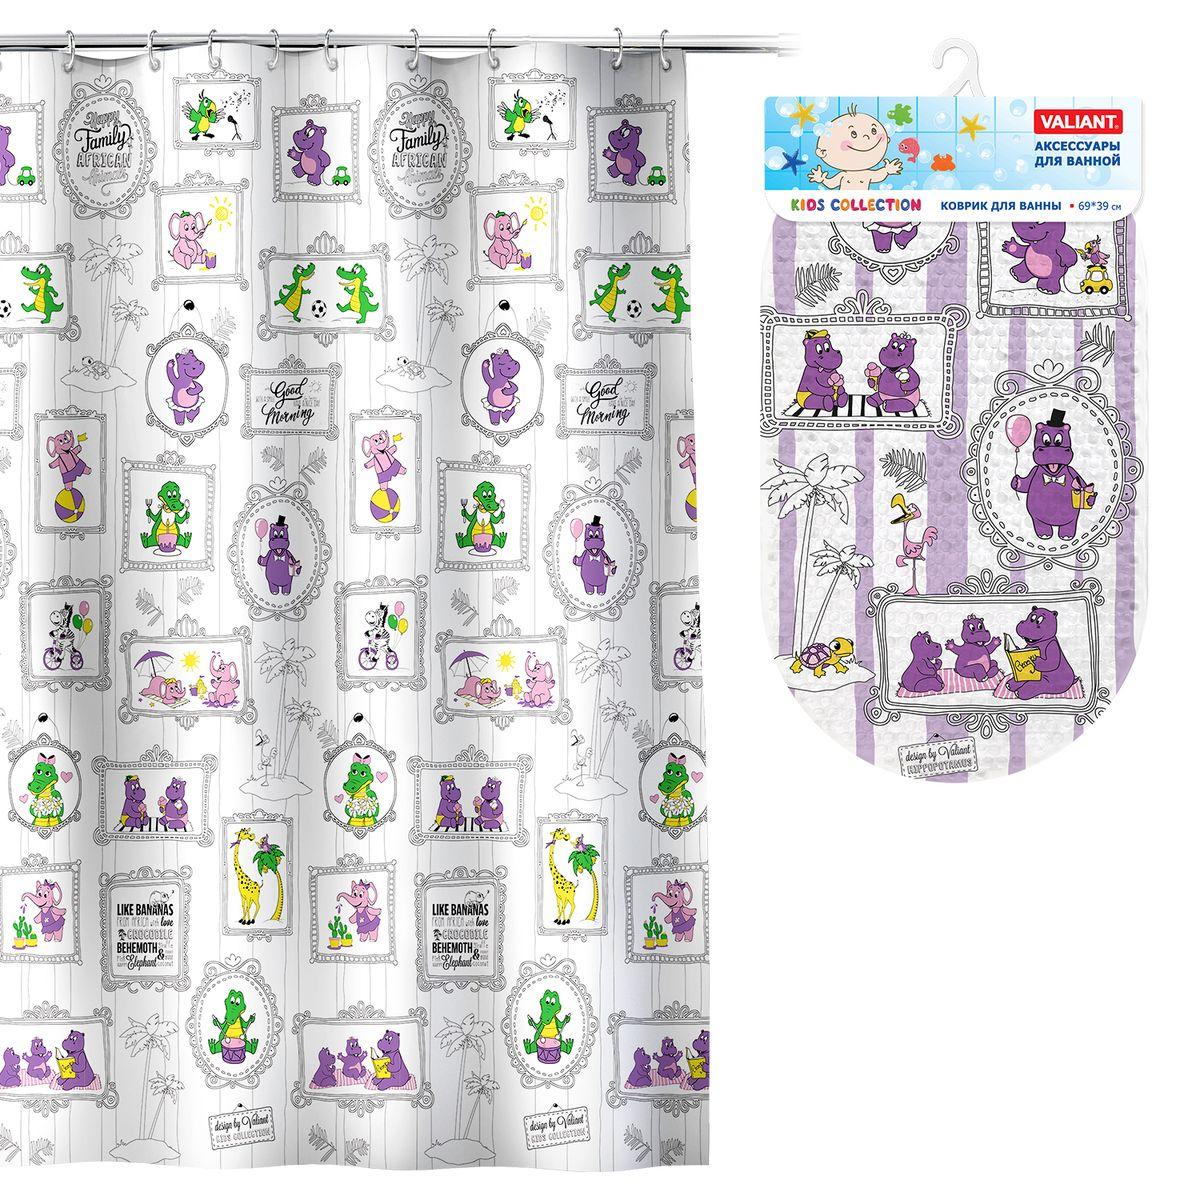 Valiant Комплект для ванны БегемотикиK1818-AF_K6939-HPVAL K1818-AF/K6939-HP Комплект Бегемотики: штора 180*180 см, PEVA + коврик , 69*39 см, винил